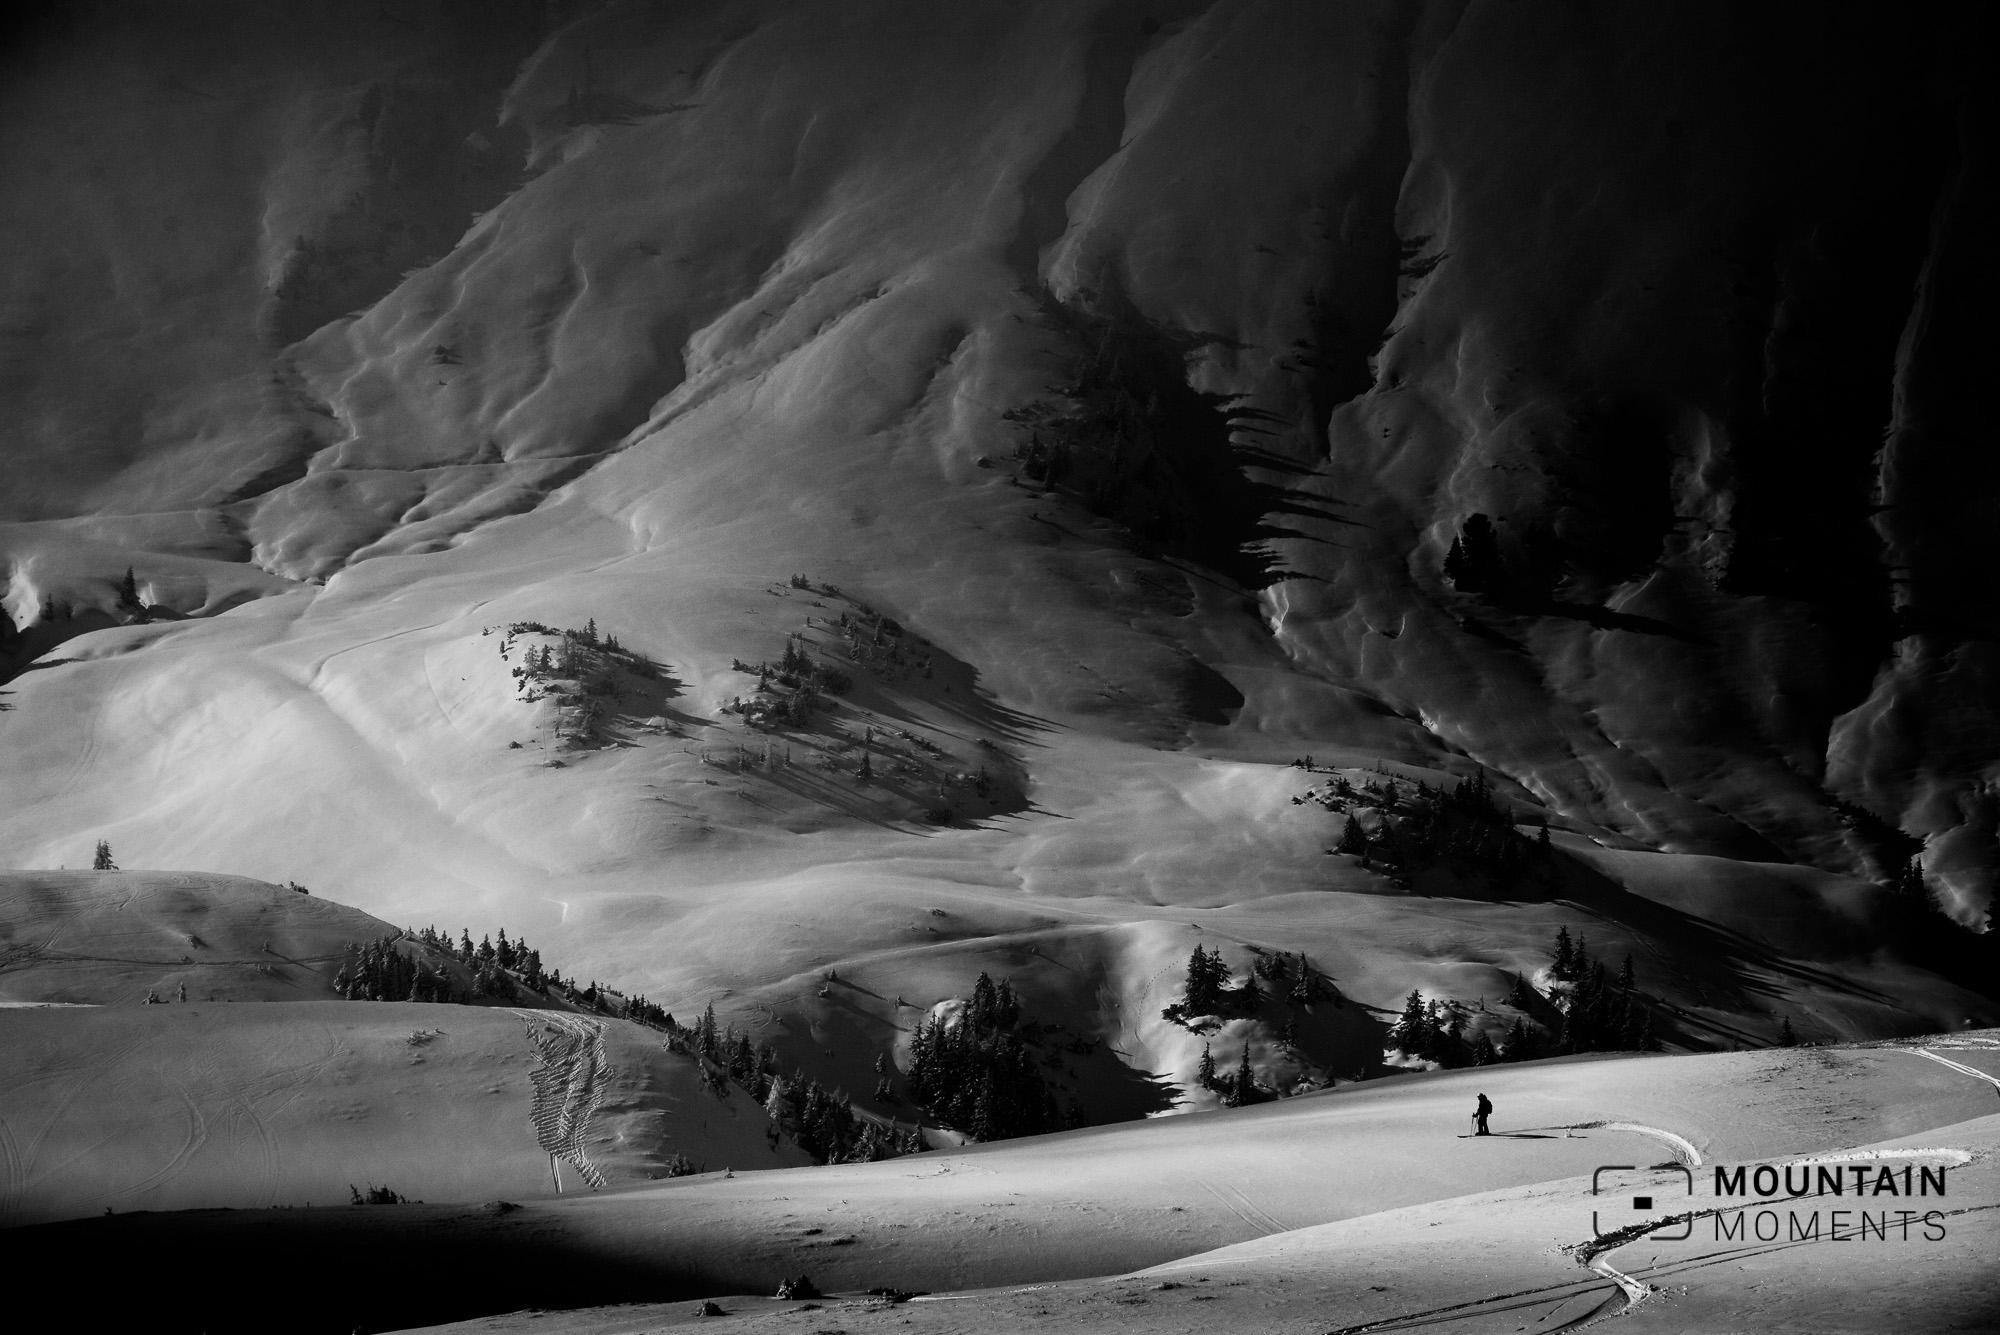 Kitzbühel, Ski Kitzbühel, Skirunde um Kitzbühel, skifotografie kitzbühel, skitour foto kitzbühel, freeride foto kitzbühel, ski foto kitzbüheler alpen, Skitour Kitzbühel, Freeride Kitzbühel, Skirunde Kitzbühel, Großer Rettenstein,